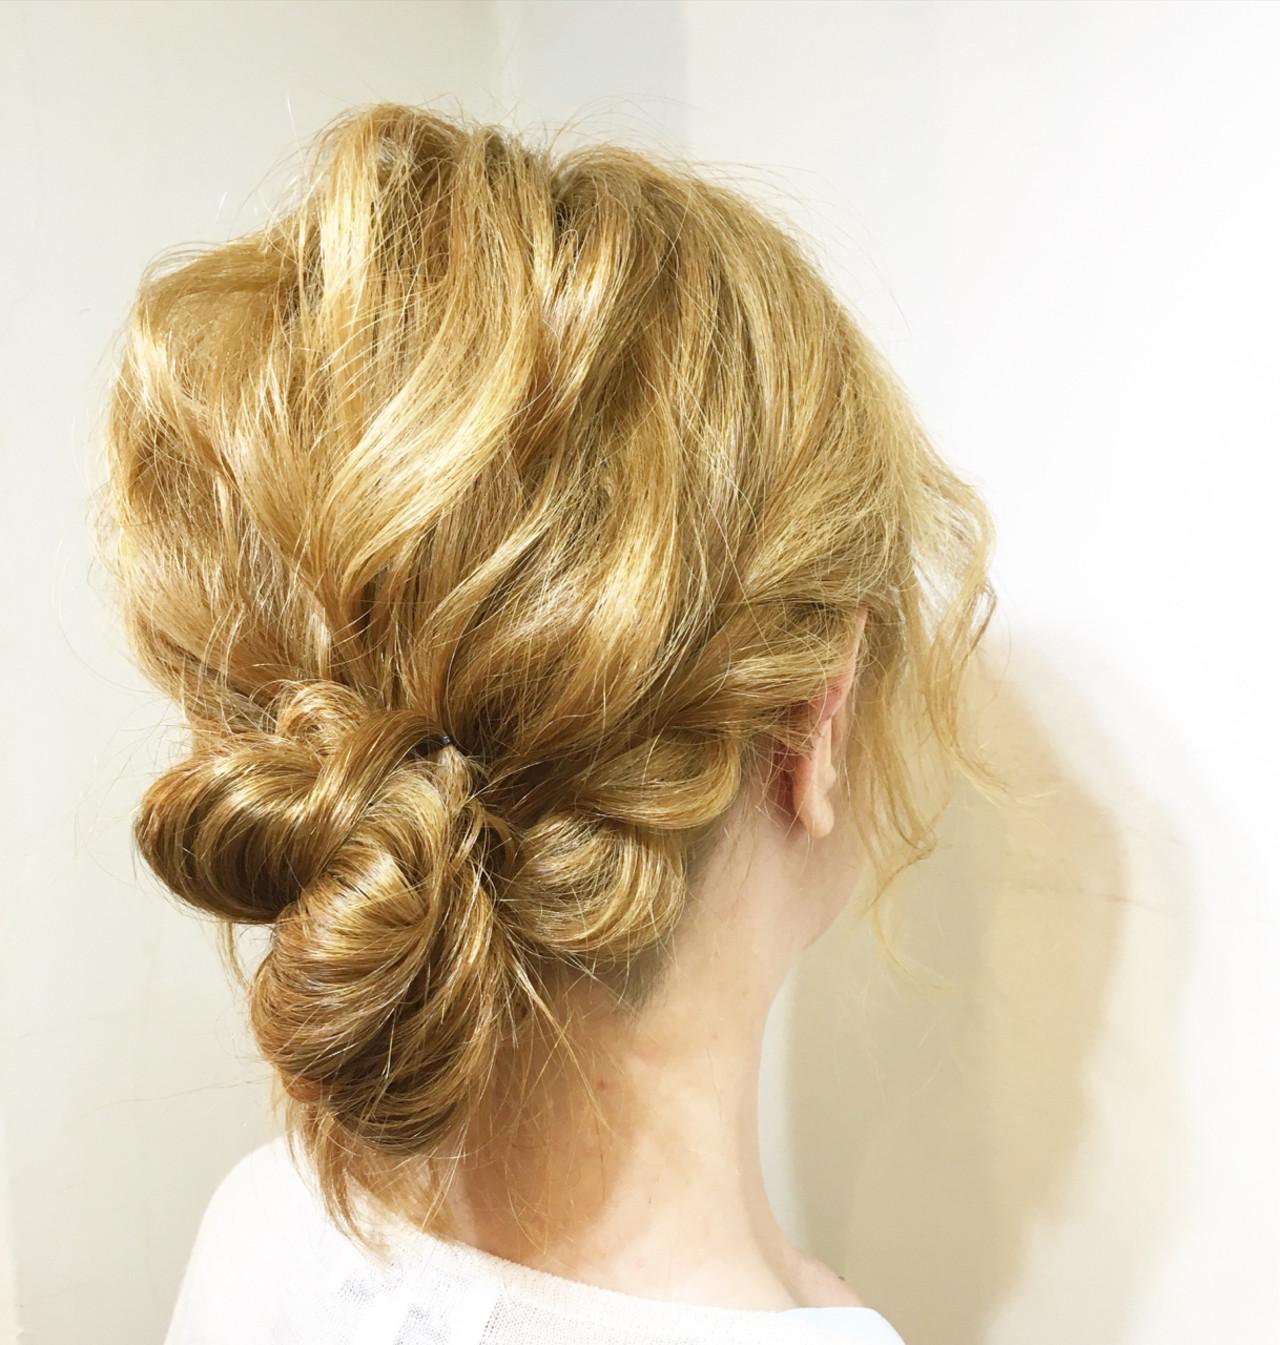 大人かわいい ポニーテール 夏 ヘアアレンジ ヘアスタイルや髪型の写真・画像 | COM PASS 太一 / COM PASS